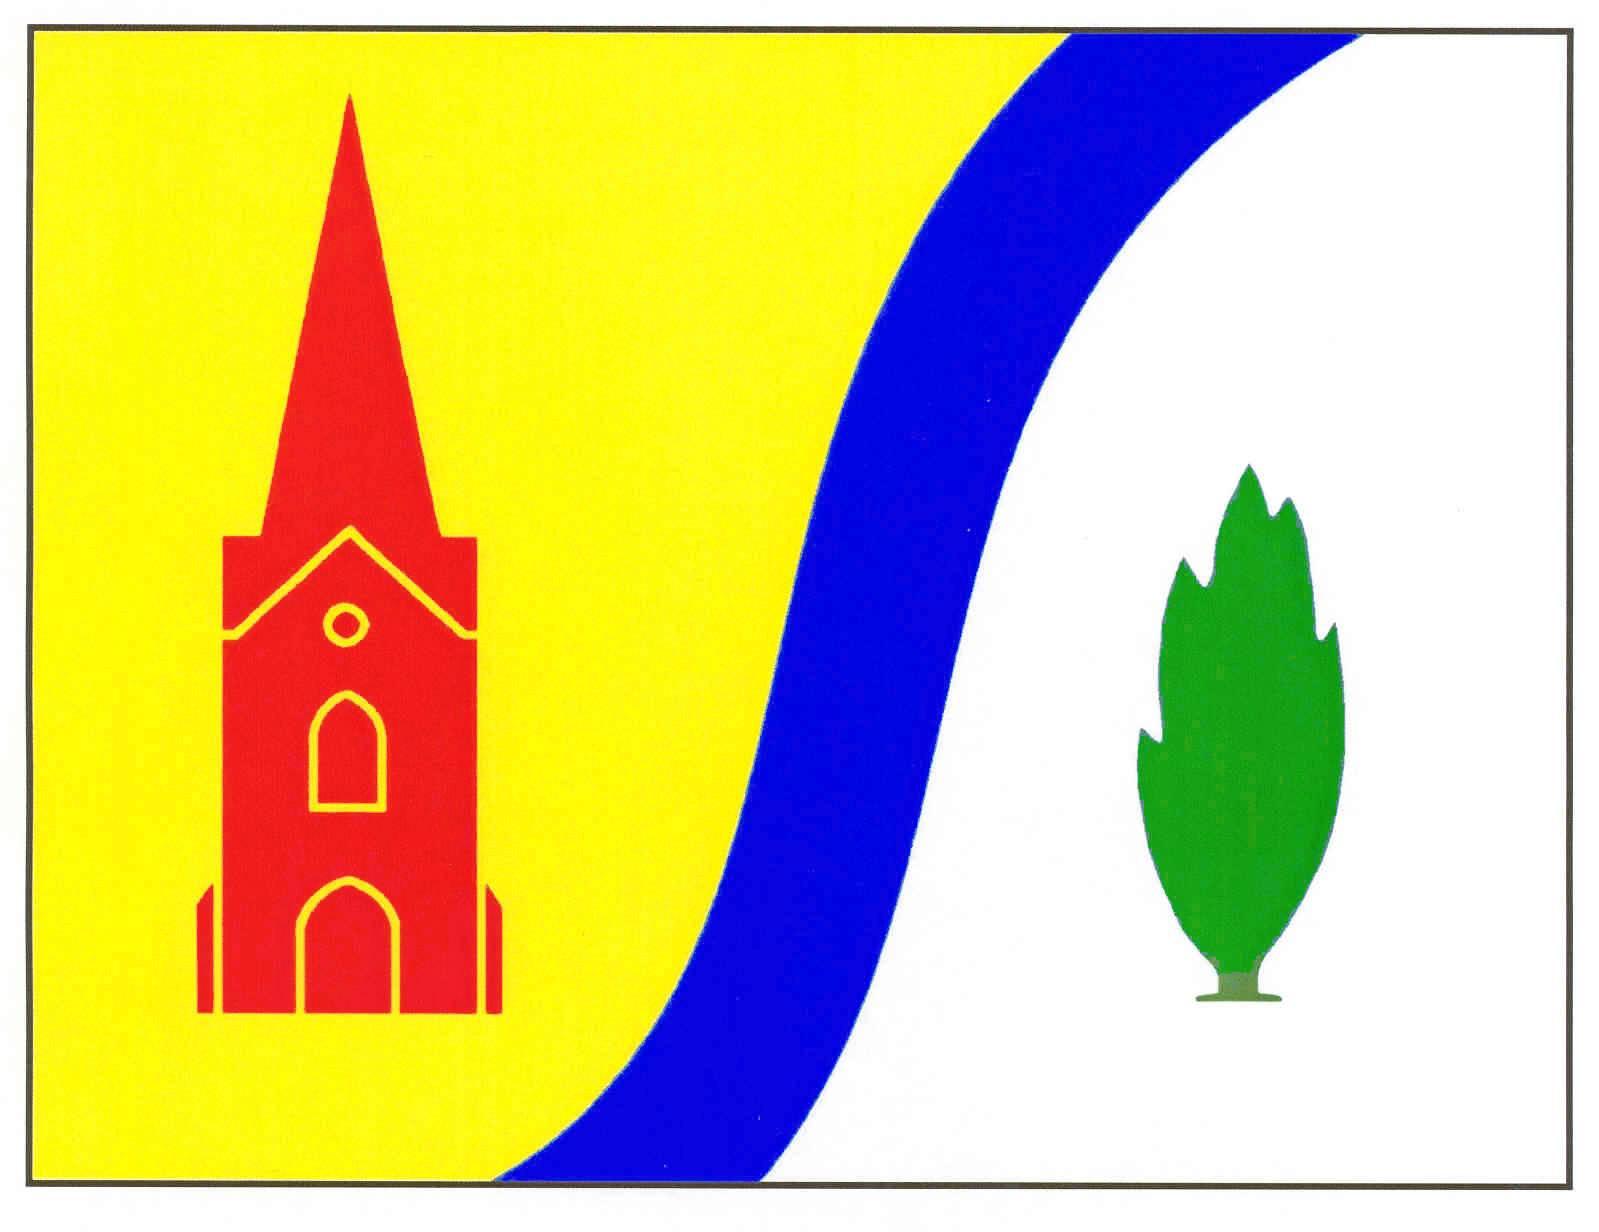 Flagge GemeindeDrelsdorf, Kreis Nordfriesland